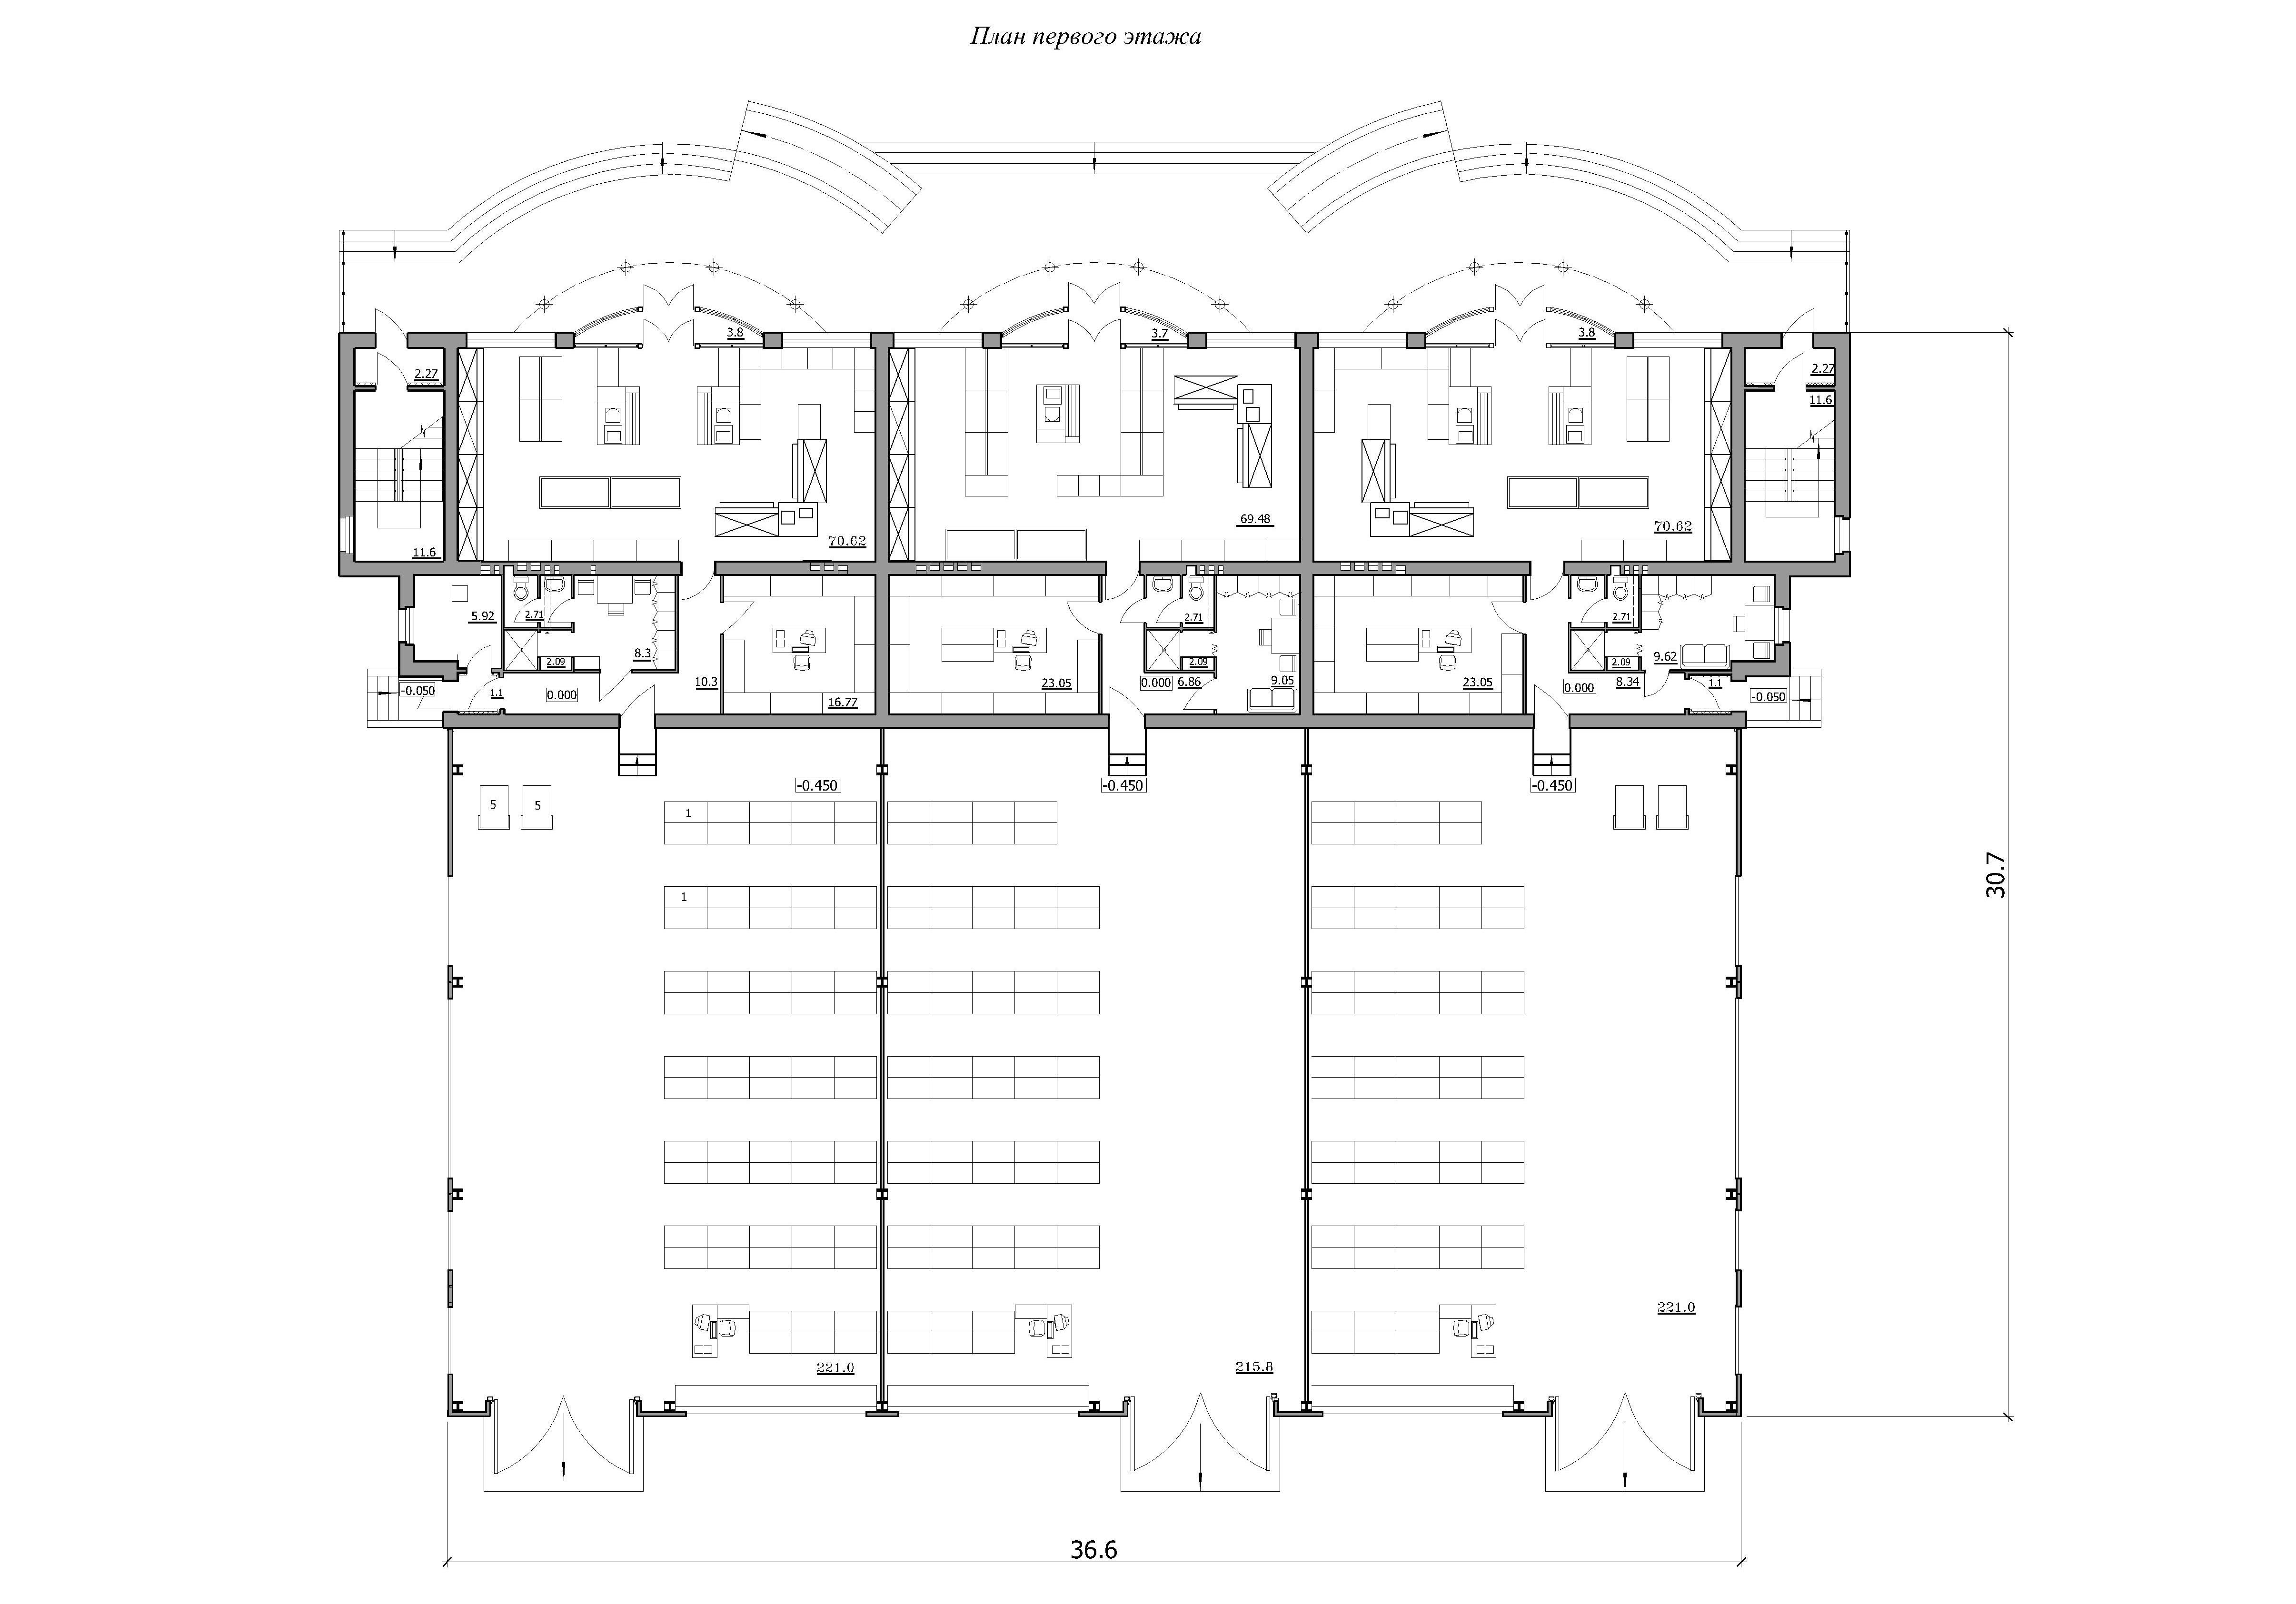 Проект базы оптово-розничной торговли. План первого этажа